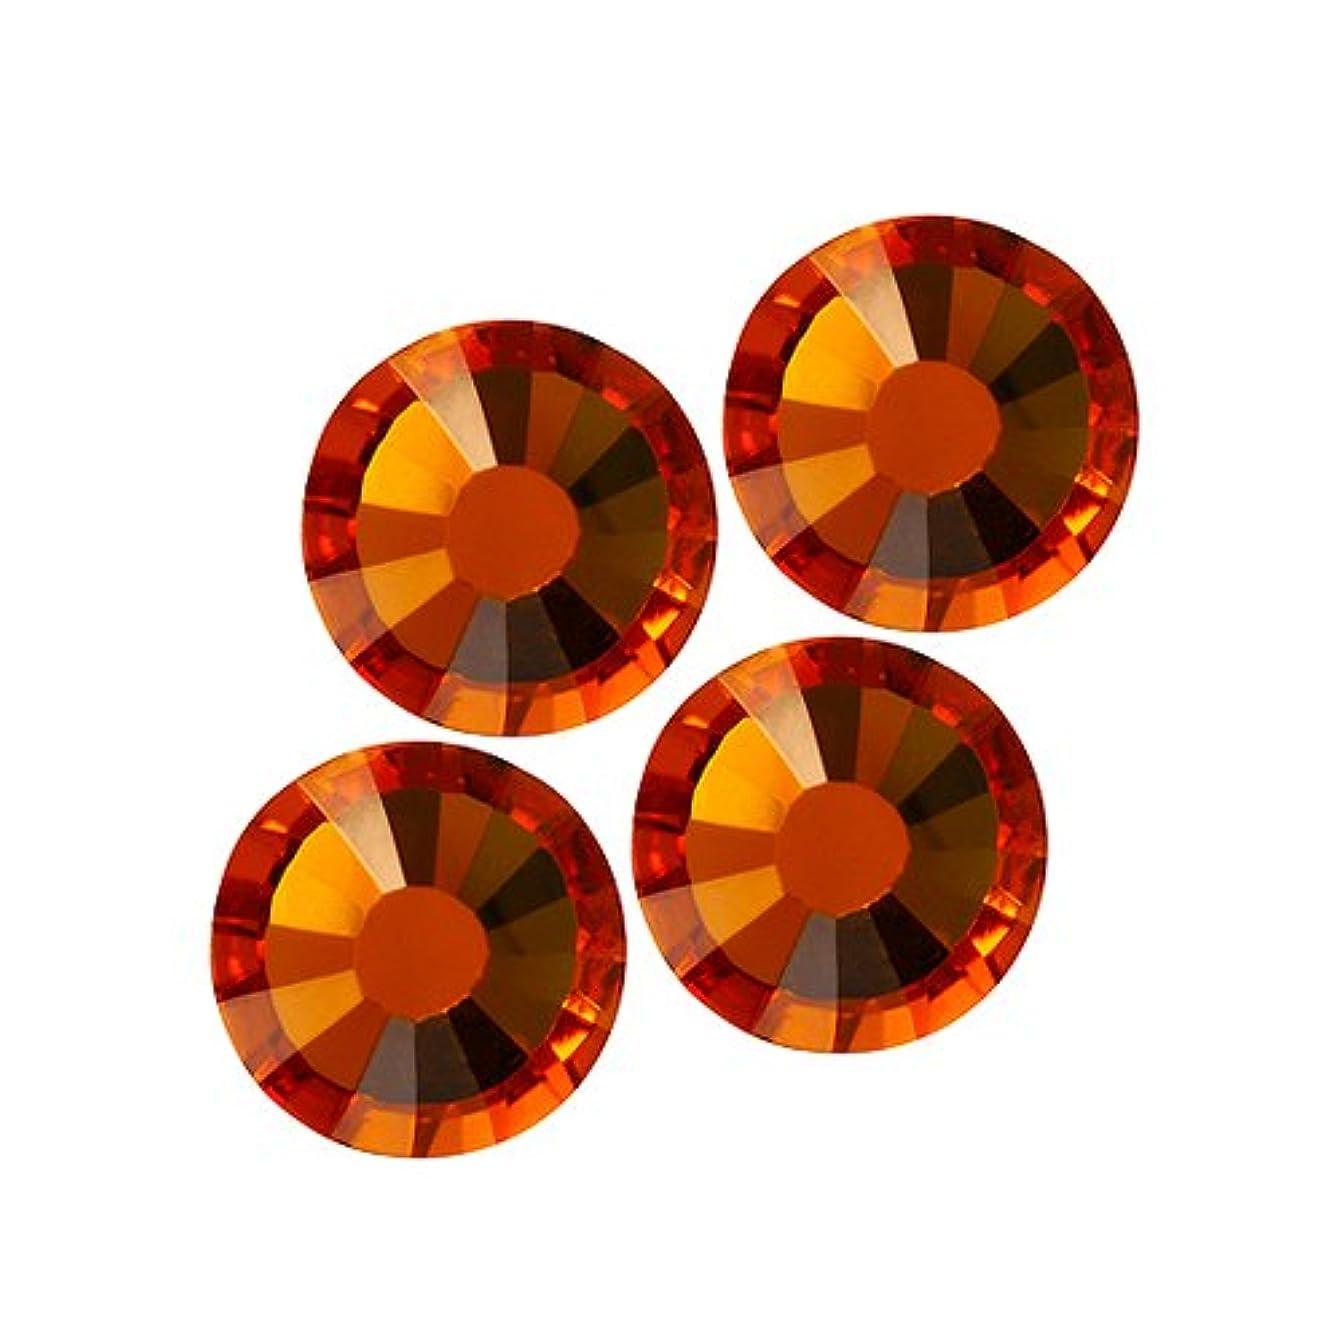 恐ろしいポータブルスーパーマーケットバイナル DIAMOND RHINESTONE トパーズSS8 720粒 ST-SS8-TPZ-5G